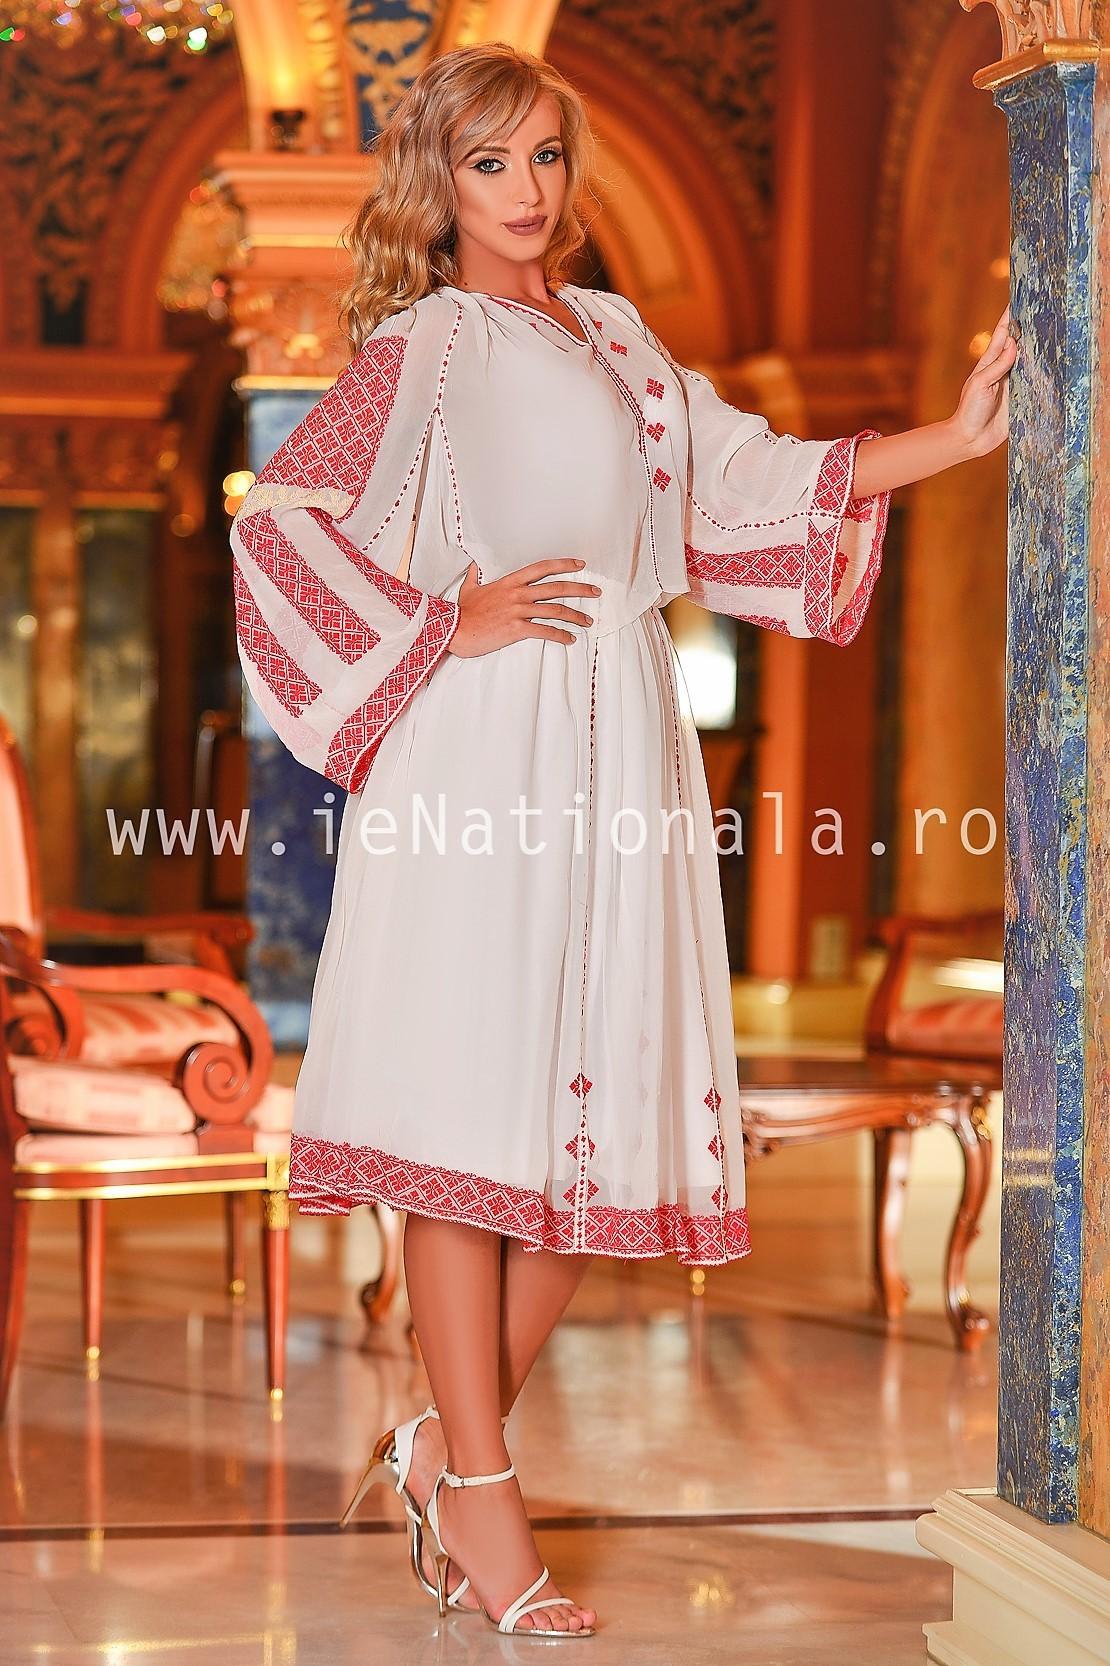 Costum traditional romanesc autentic unicat - vintage